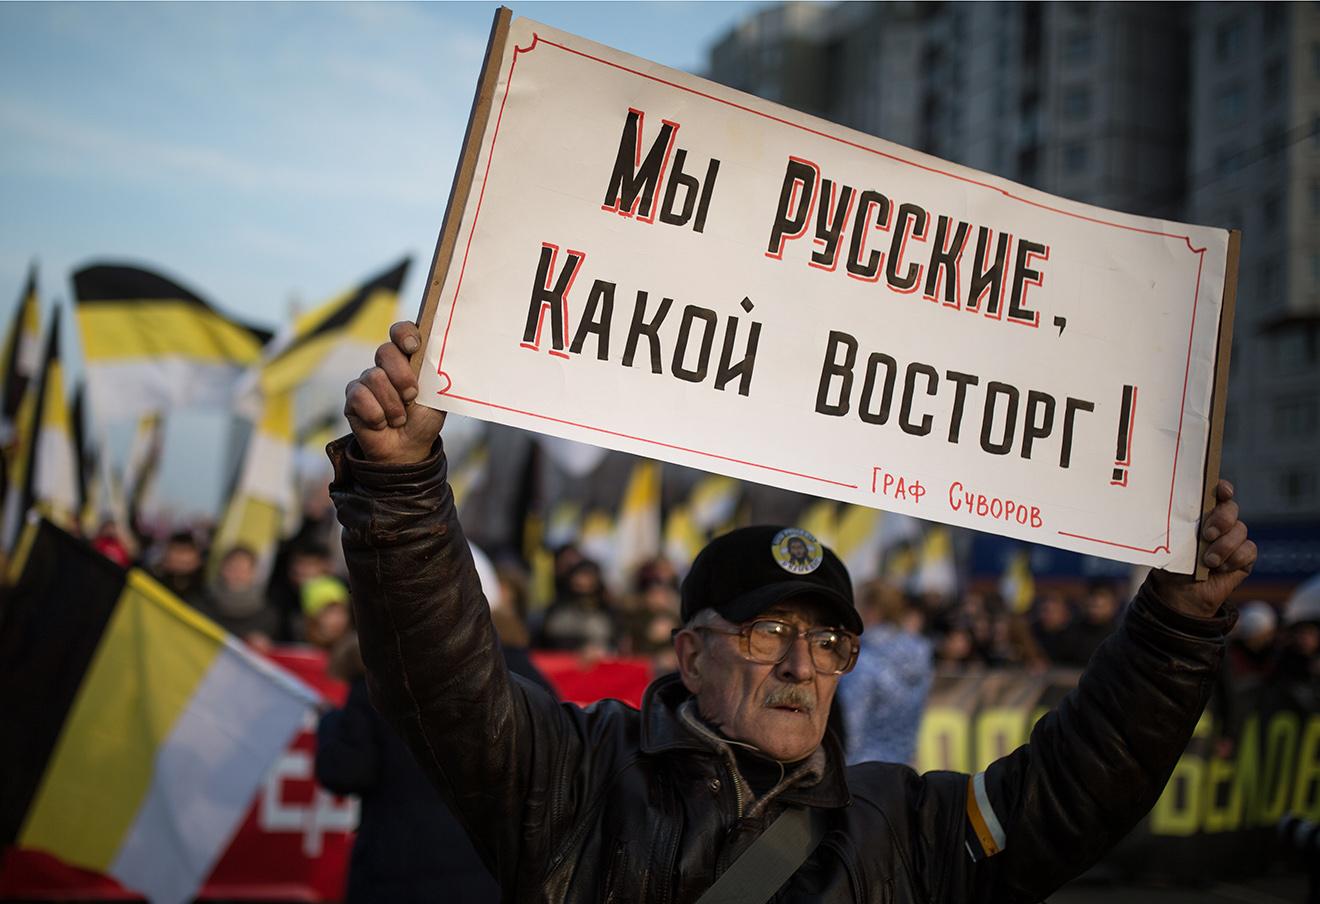 Фото: Питалев Илья / ТАСС